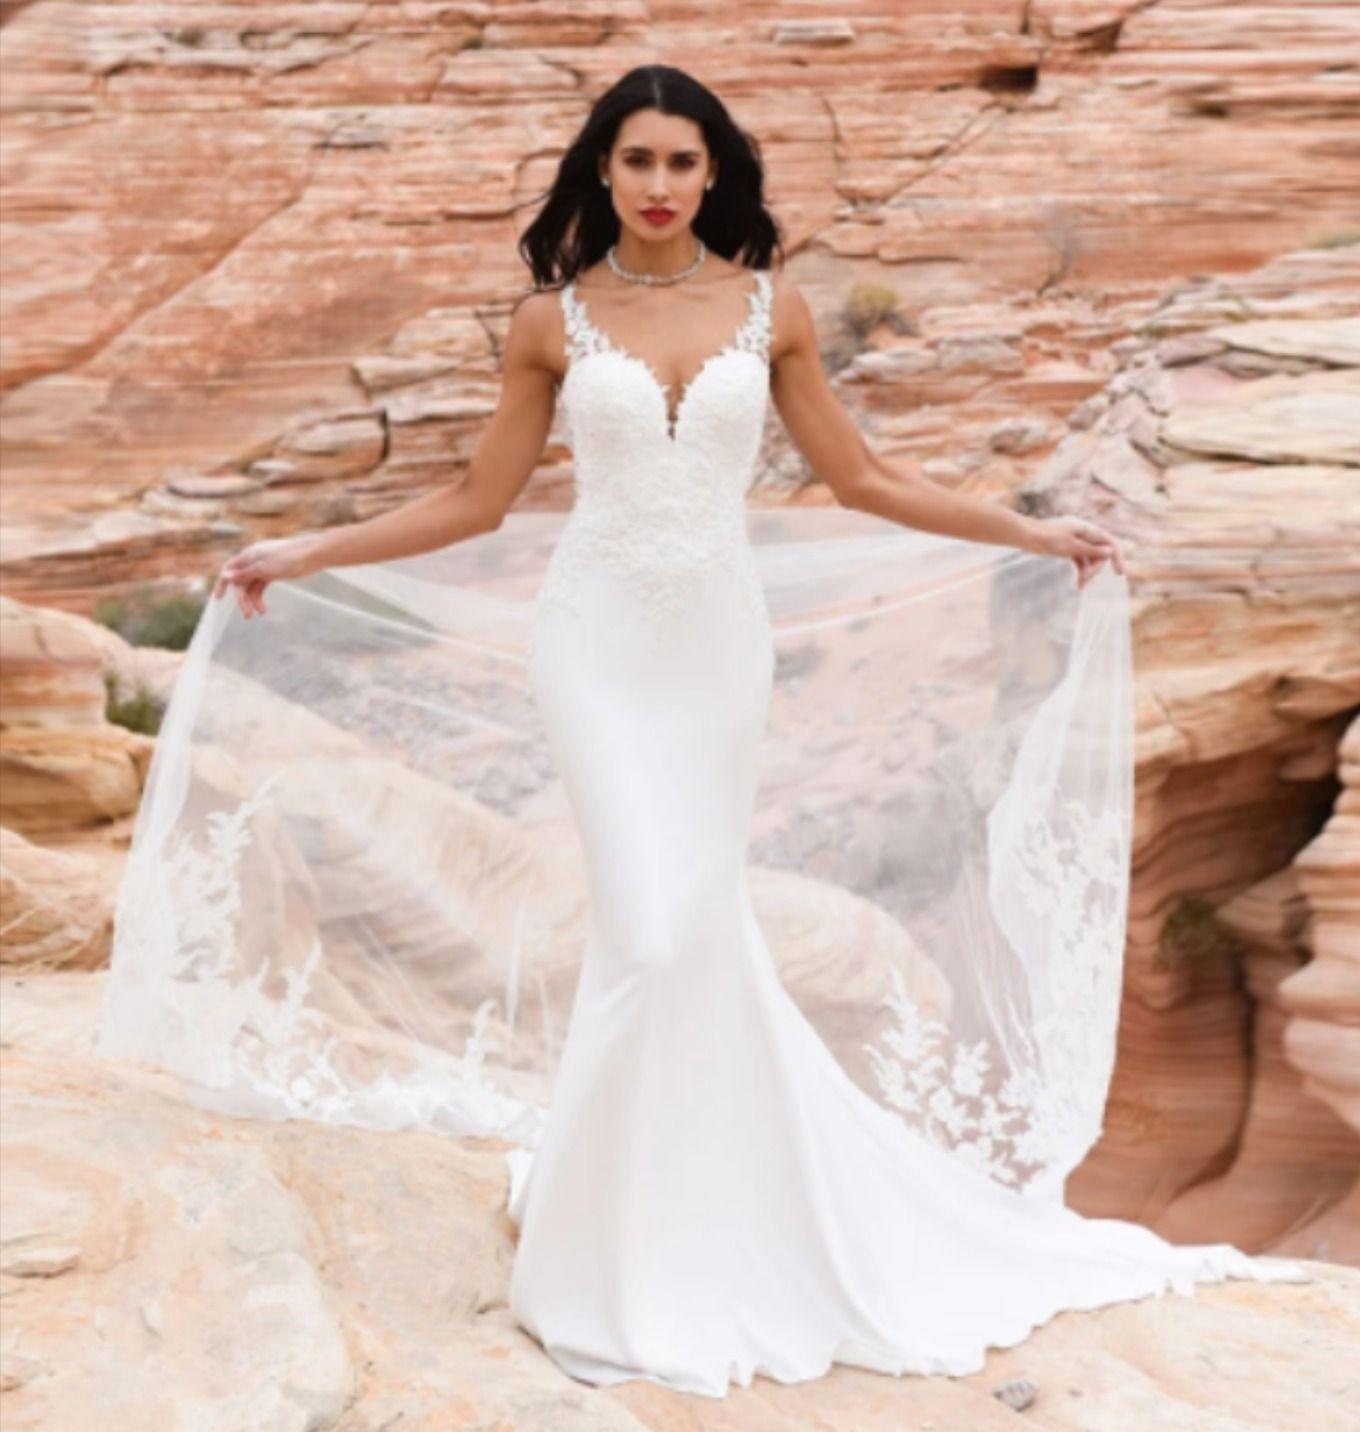 G7e9fturjnxqtm,Ball Gowns Wedding Dresses